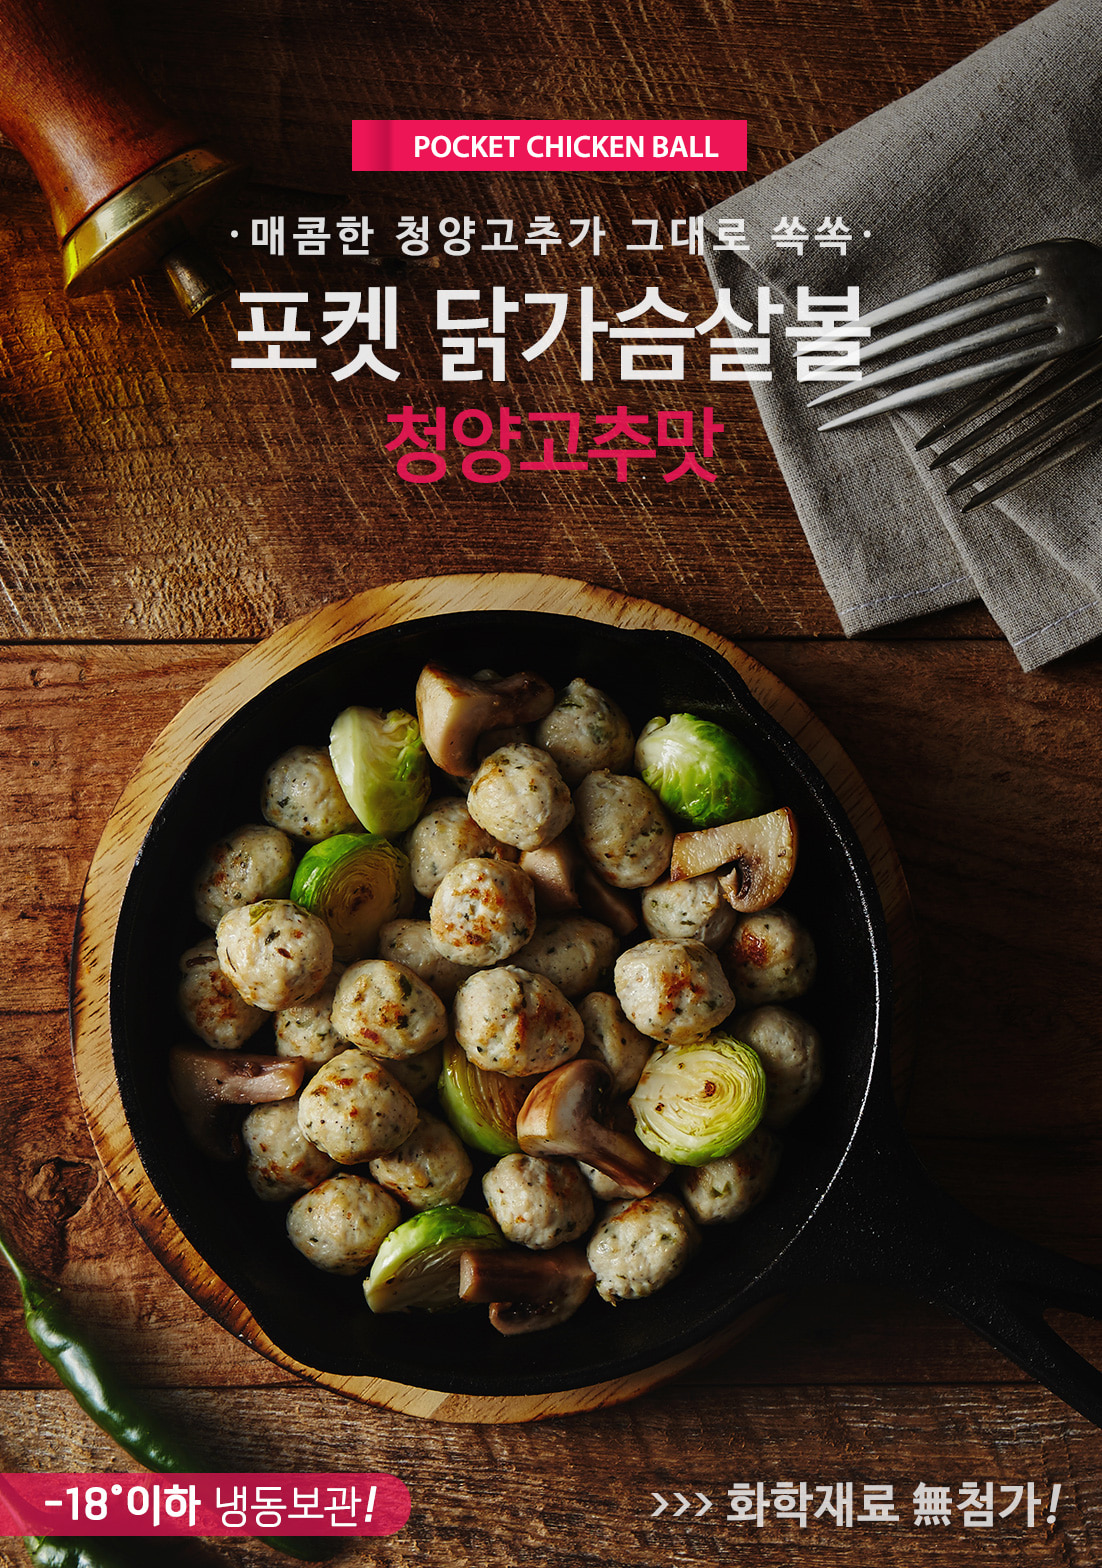 닭가슴살볼_청양고추맛_main